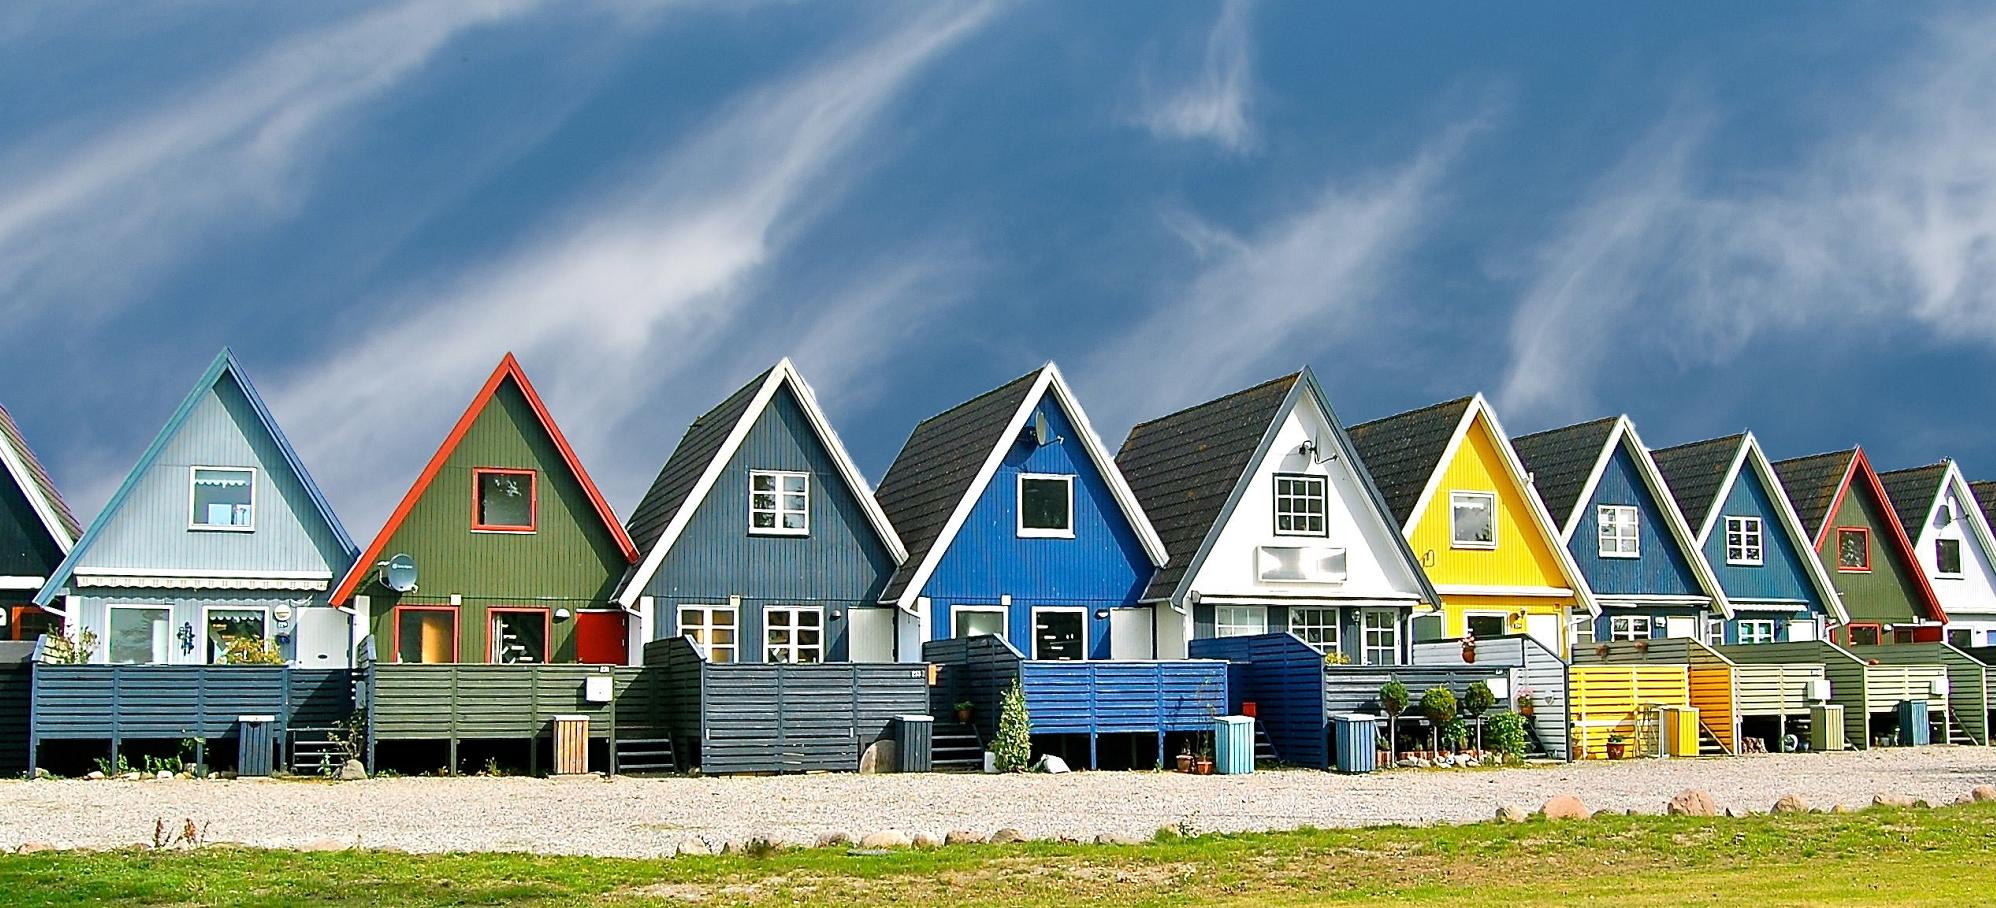 Покраска фасадов домов и коттеджей варианты цветового